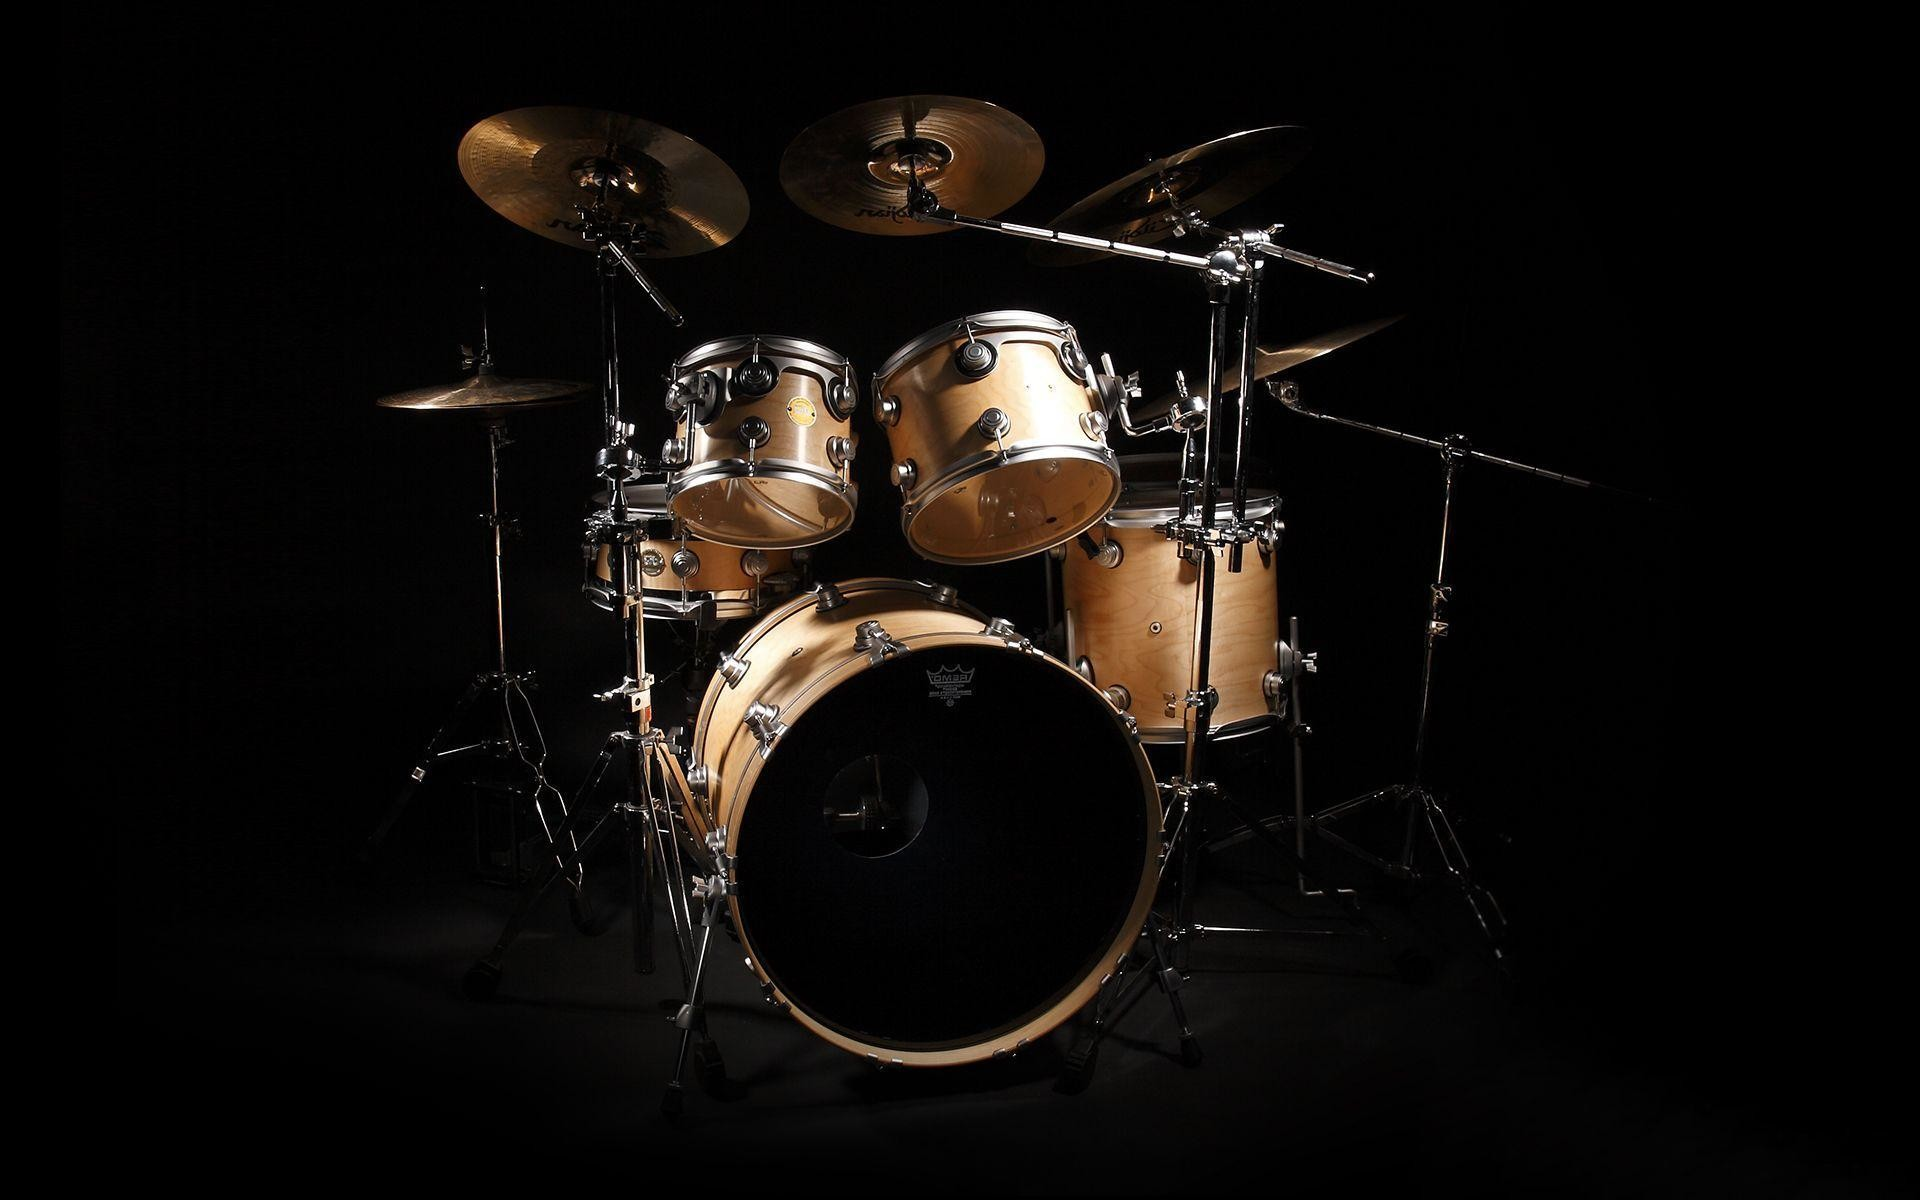 1920x1200 Hd Wallpapers Drum Set 1280 X 1024 434 Kb Jpeg